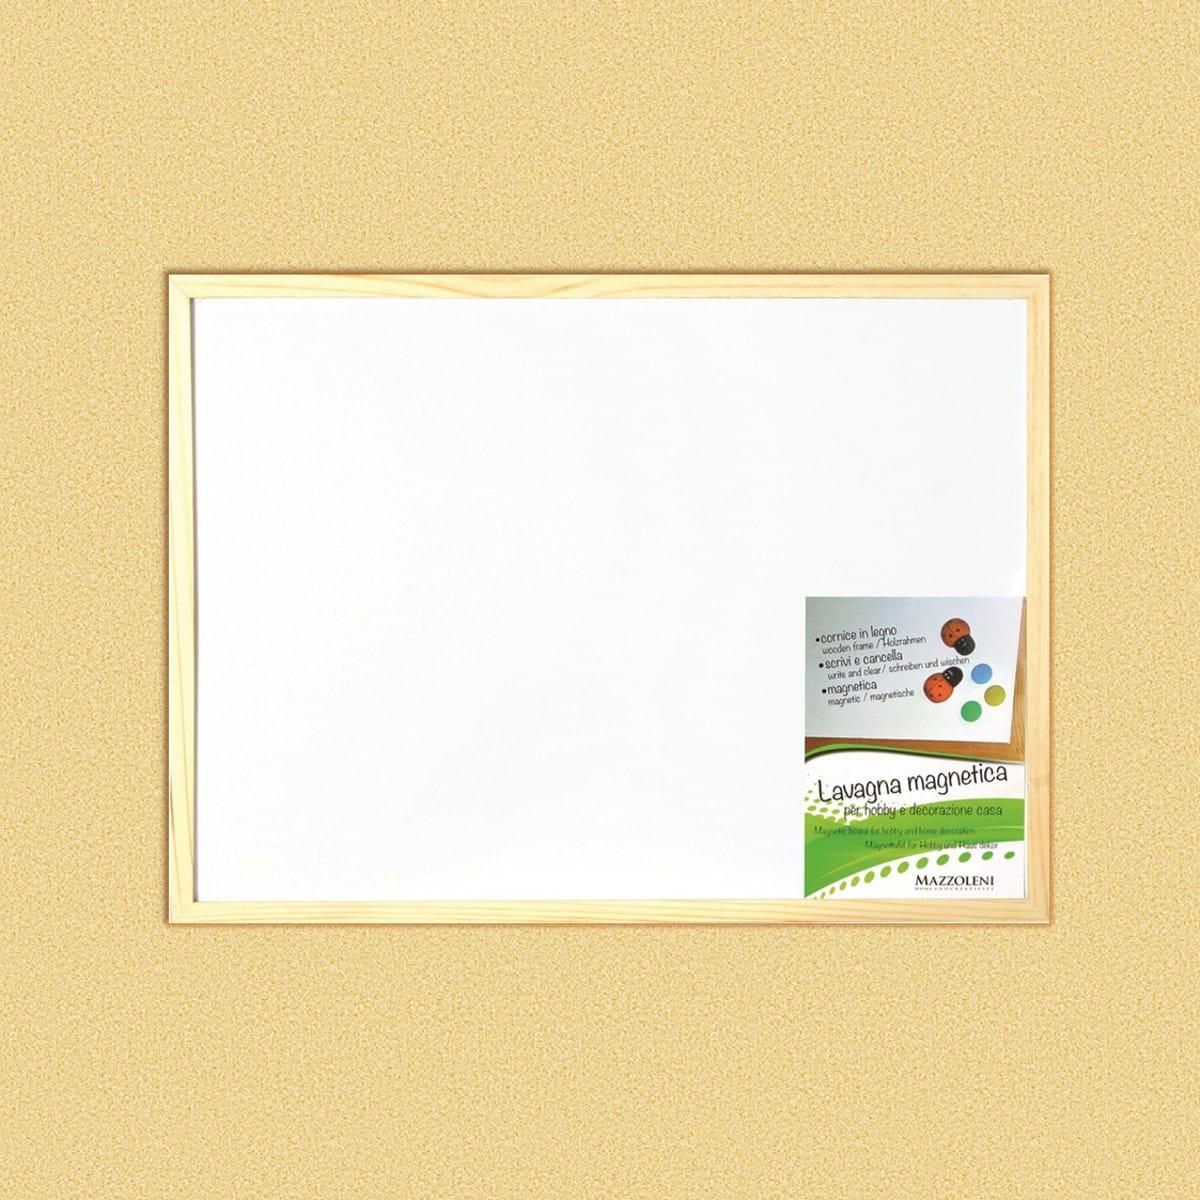 Lavagna Magnetica Cornice Legno 90 X 60 Cm Prezzi E Offerte Online